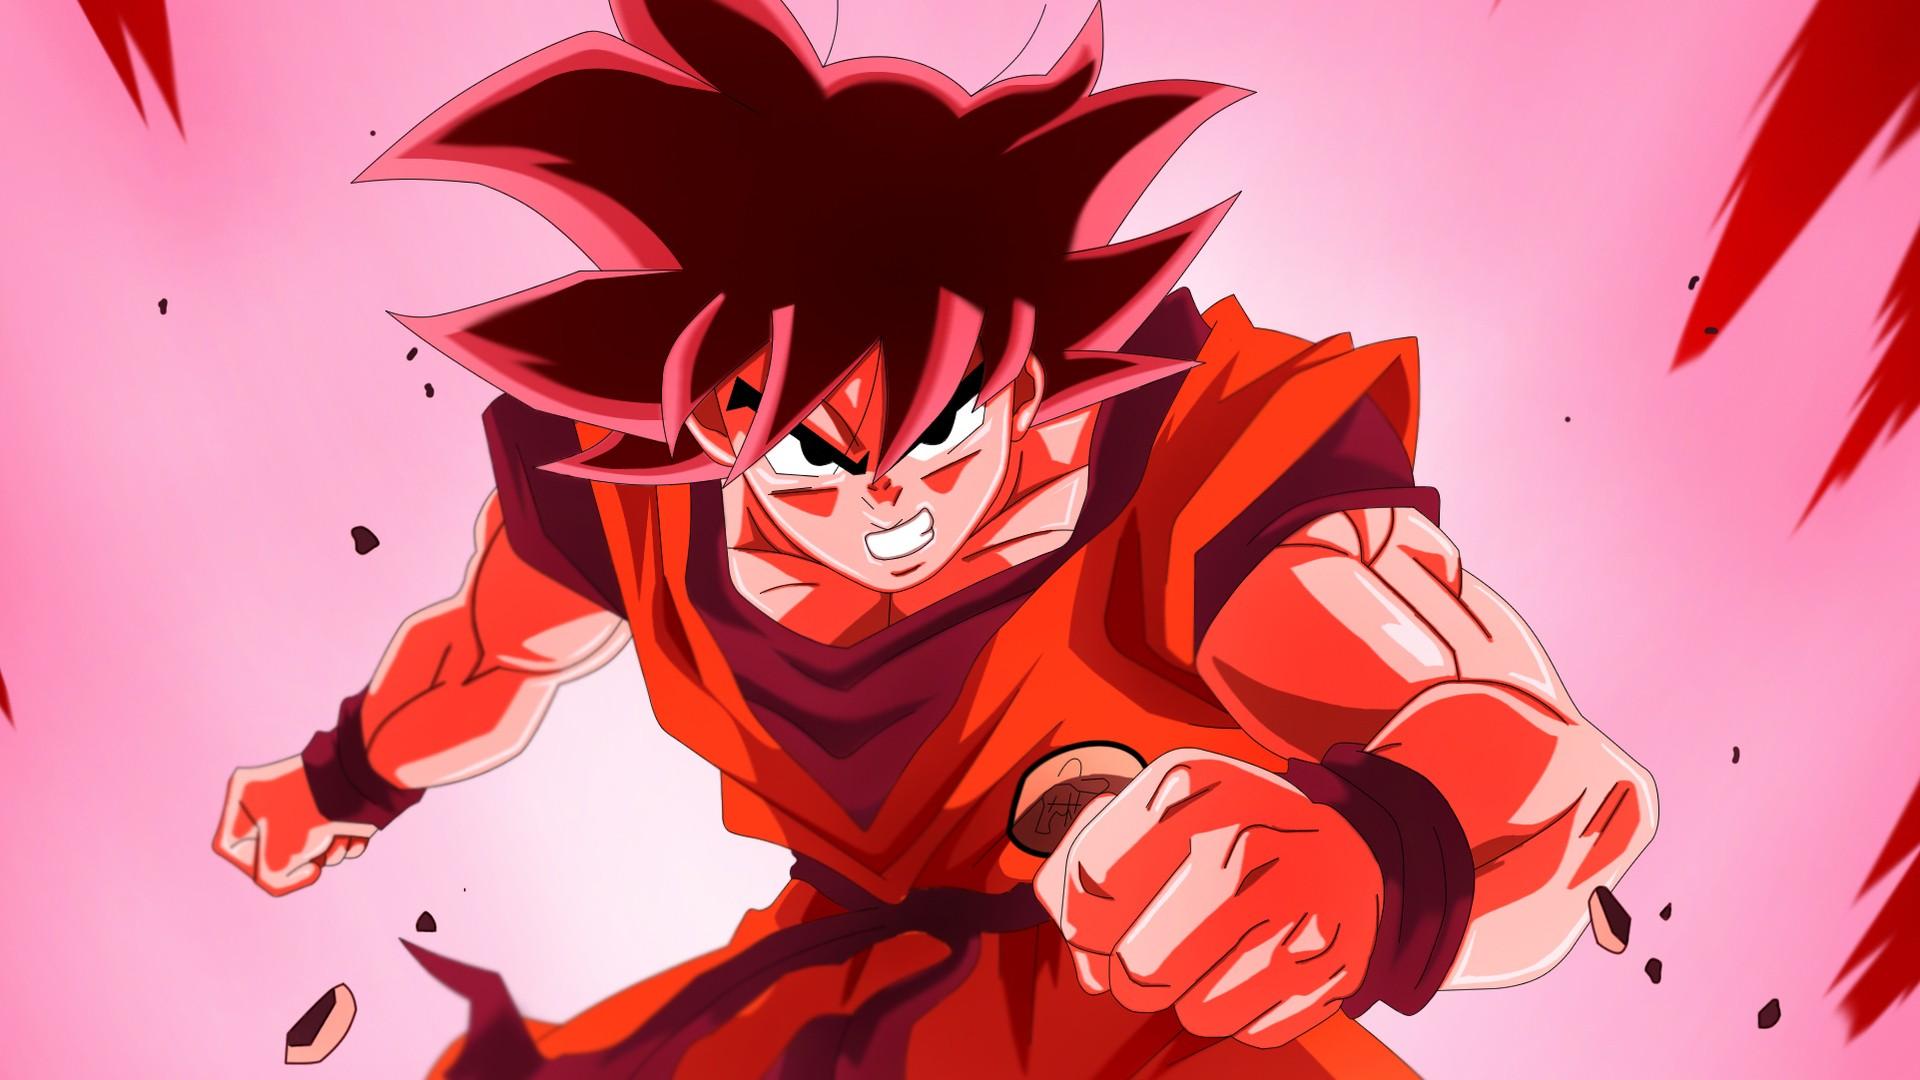 download Up Goku Desktop Wallpapers Charging Up Goku Desktop 1920x1080